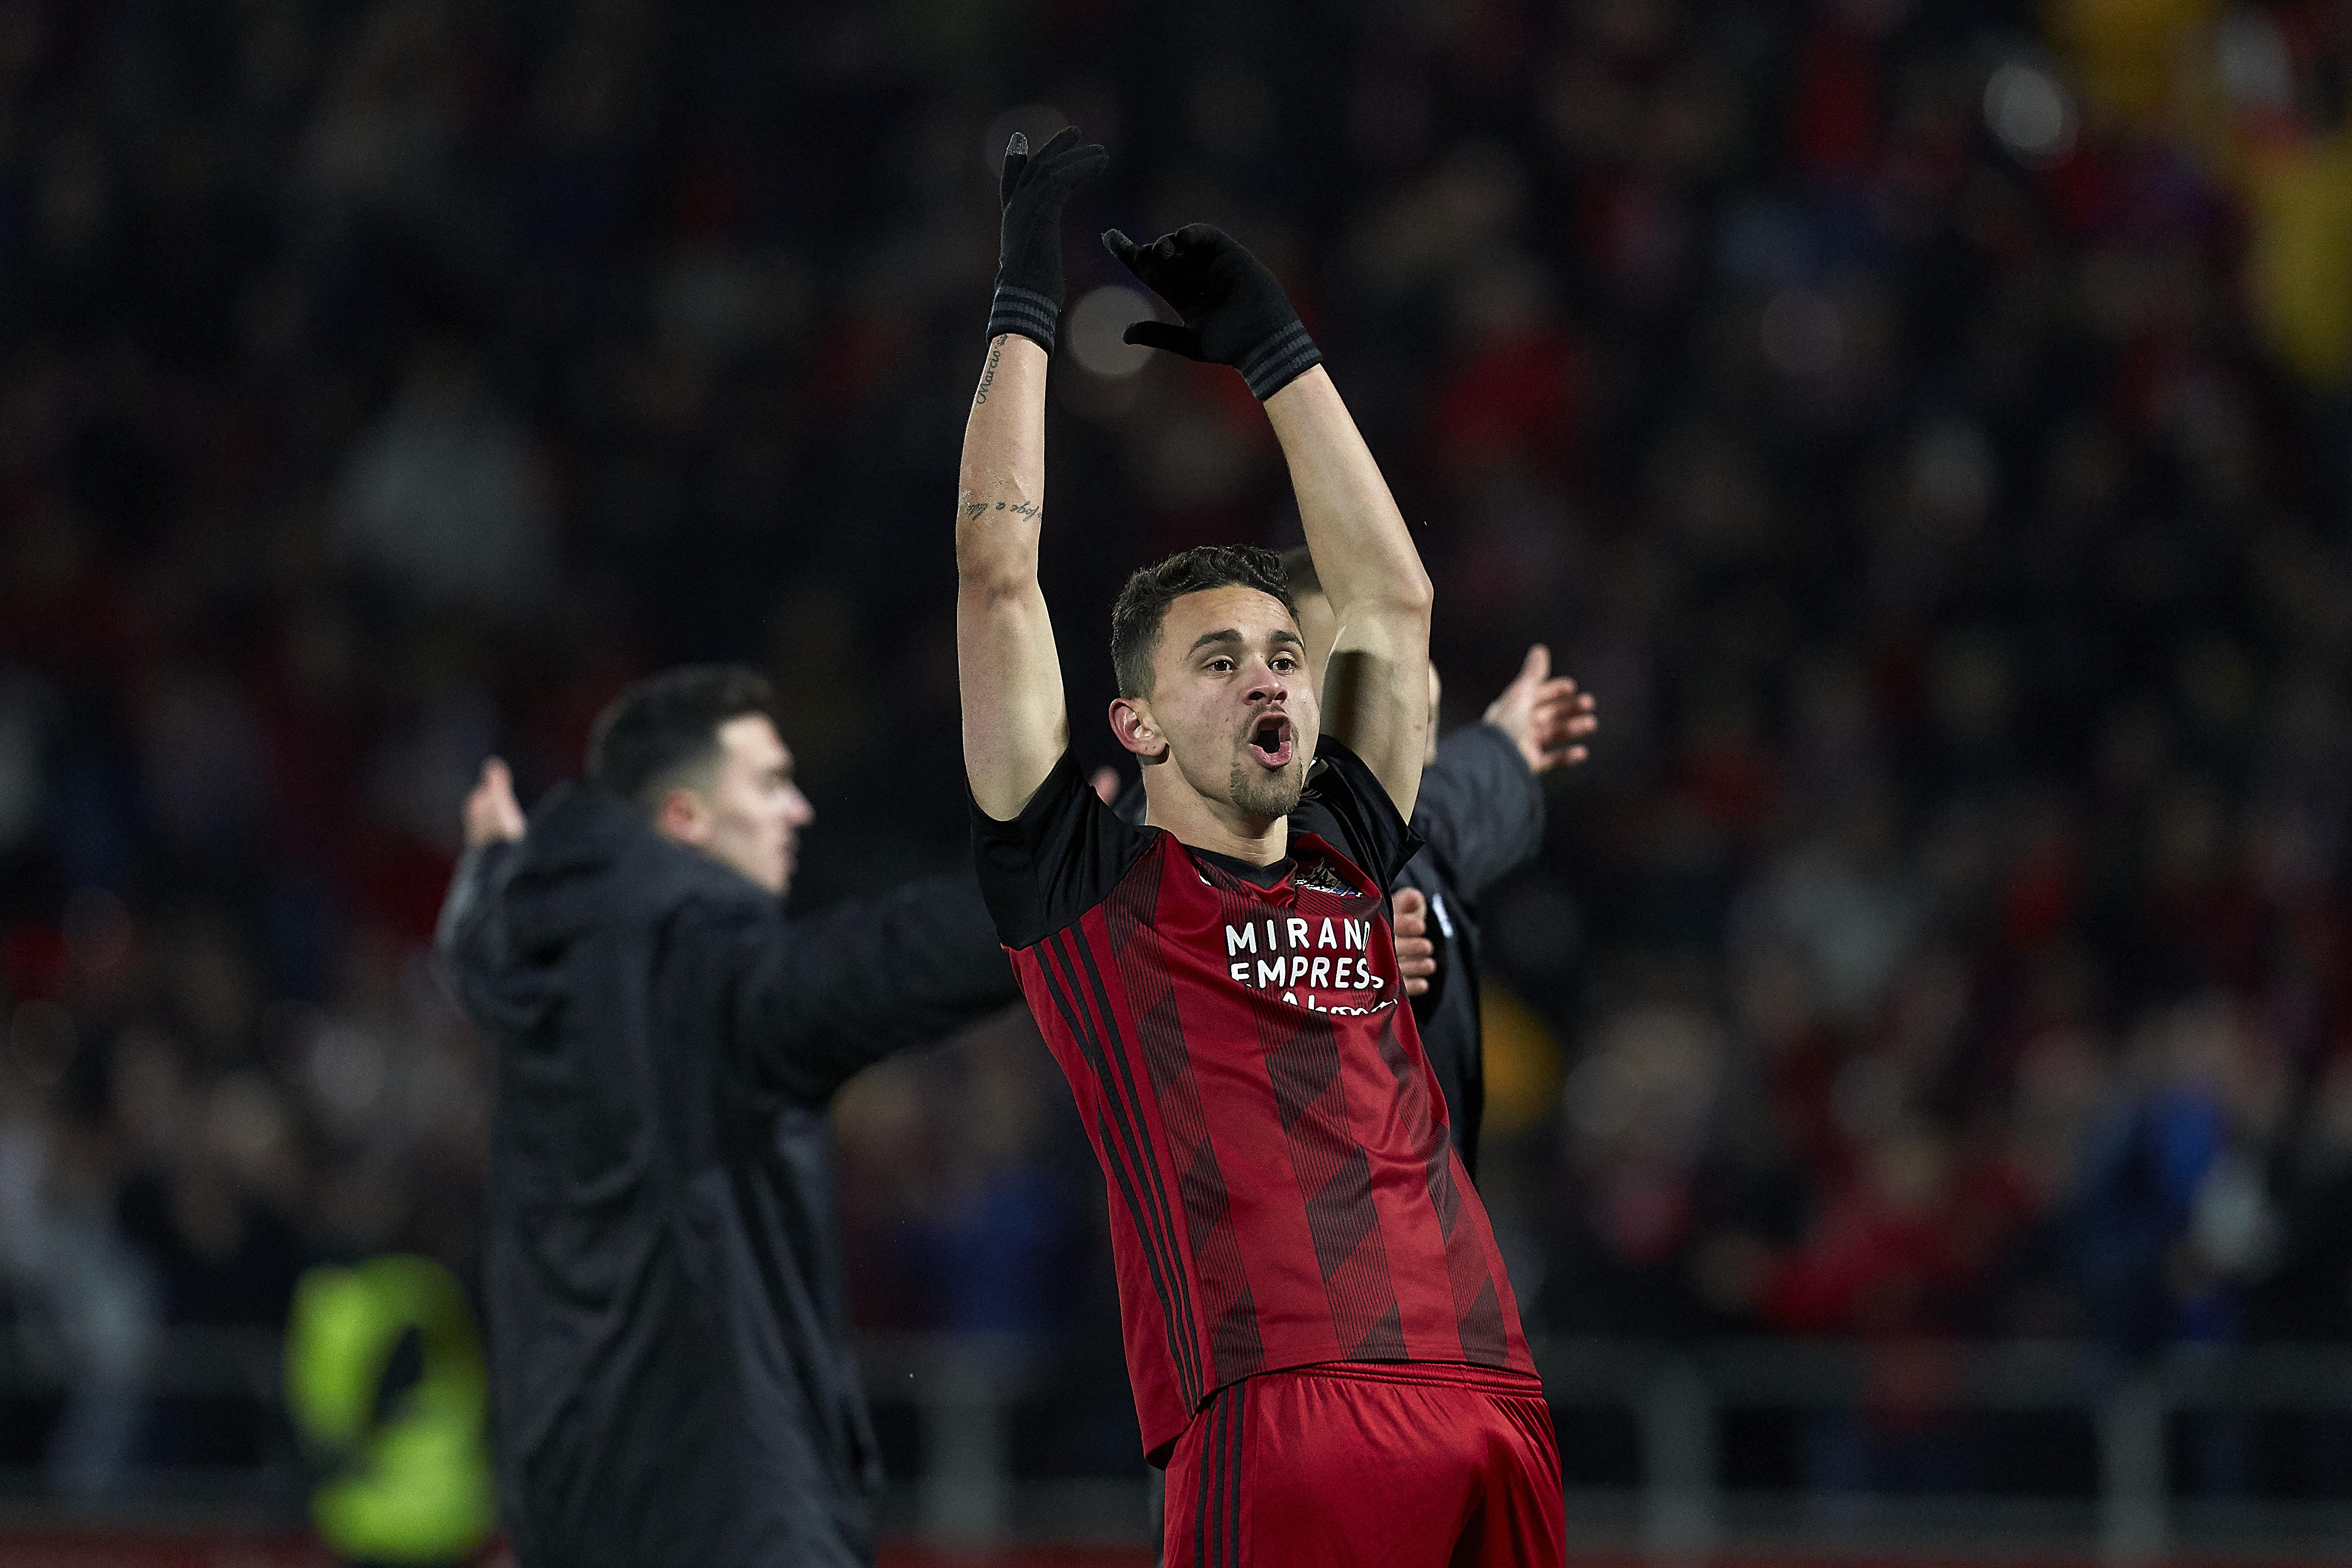 Mirandes v Villarreal - Copa del Rey: Quarter Final